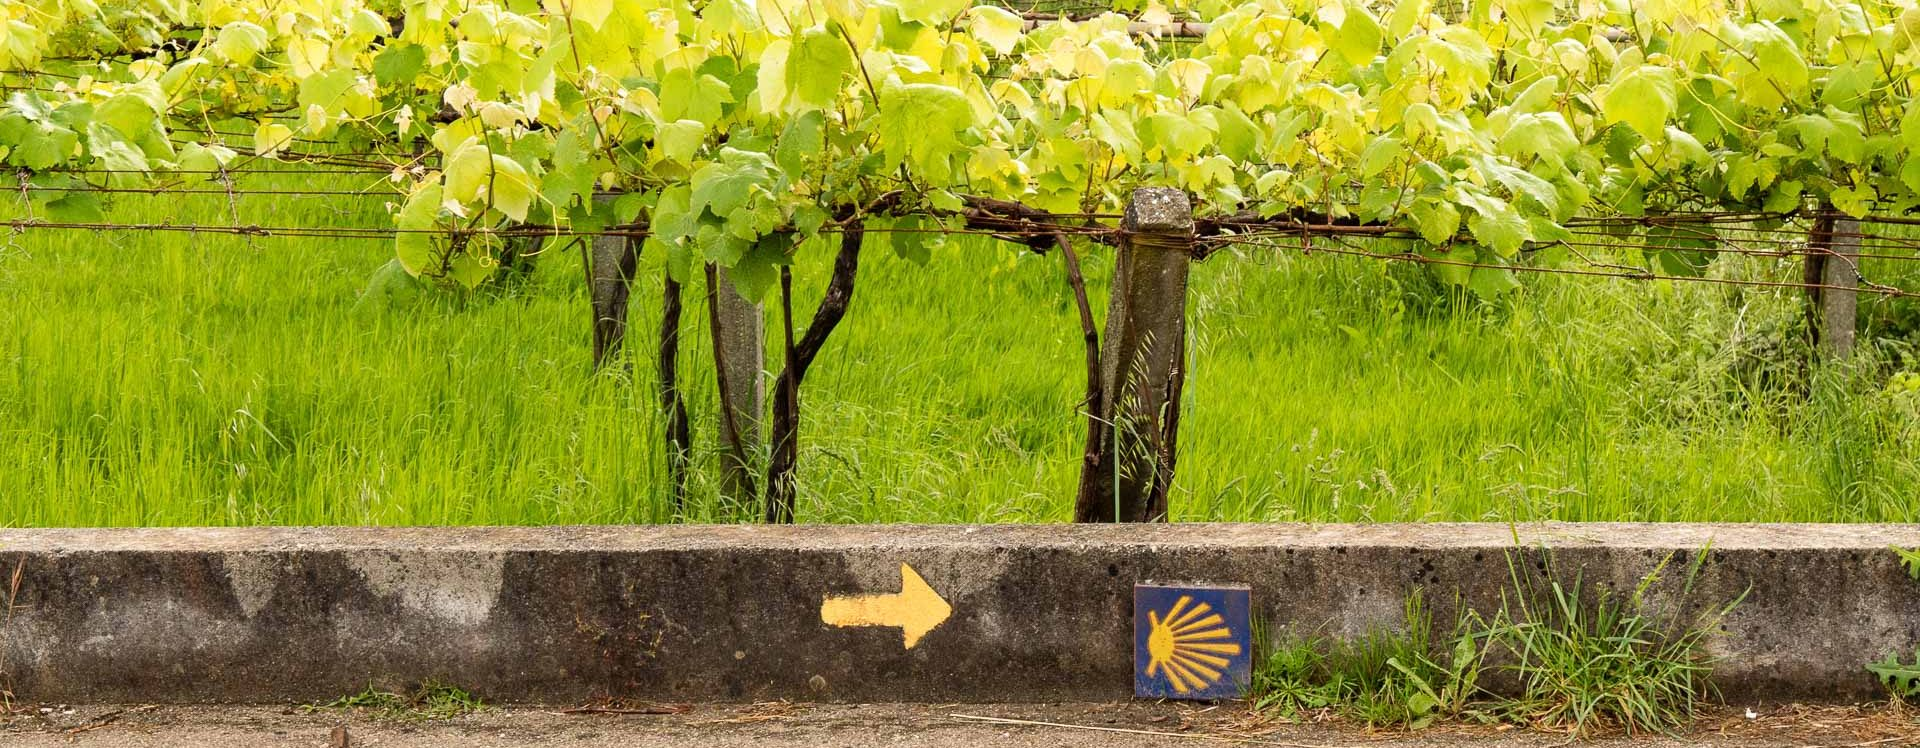 E-Velo Reisen entlang des Jakobweges - die Weinreben des Vinho Verde